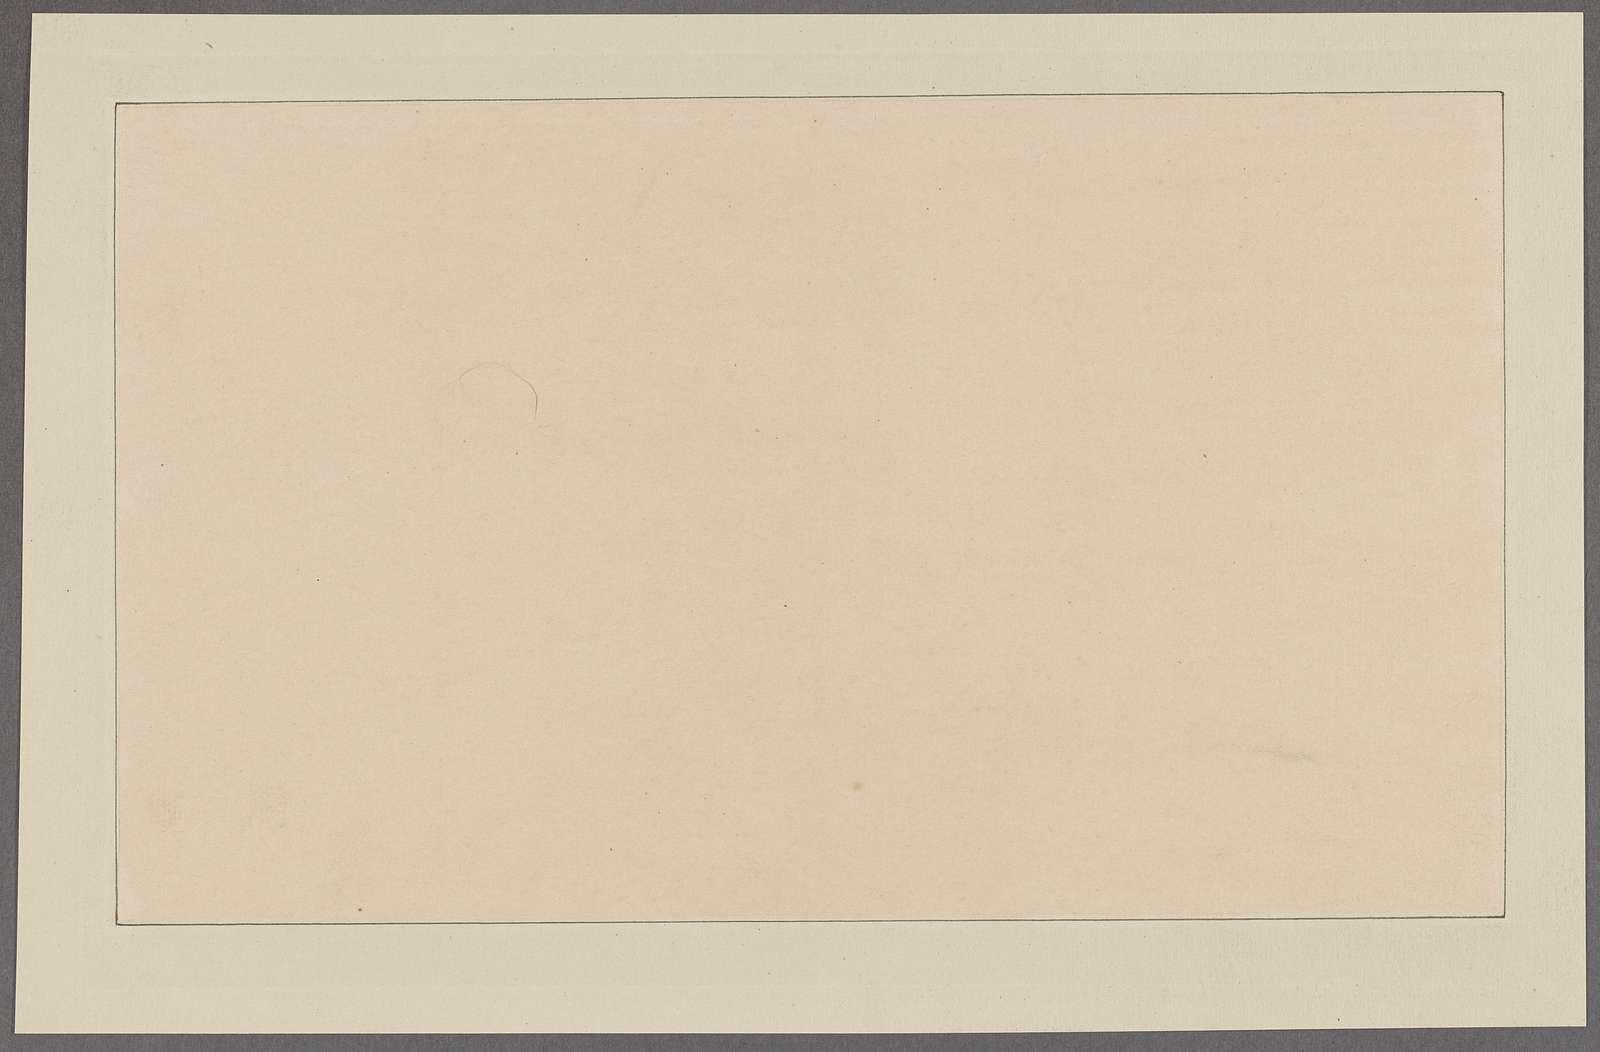 Wroth, Robert. Annapolis Royal